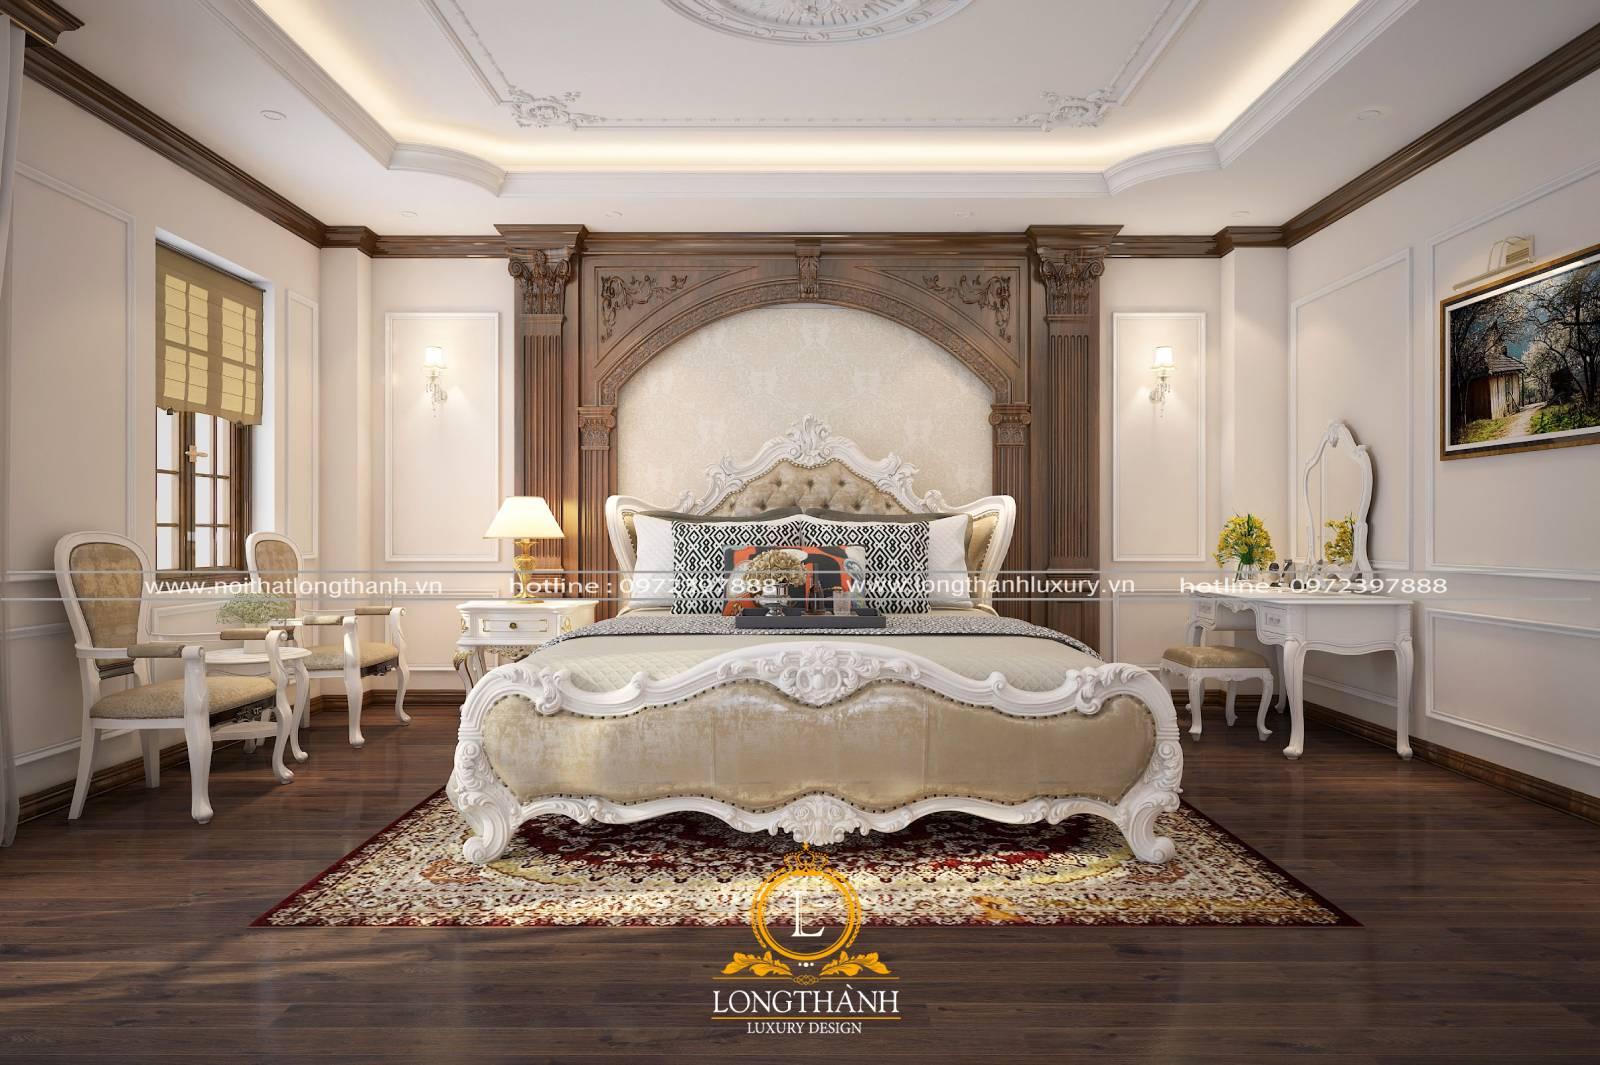 Giường ngủ da có giá thành tương đối cao